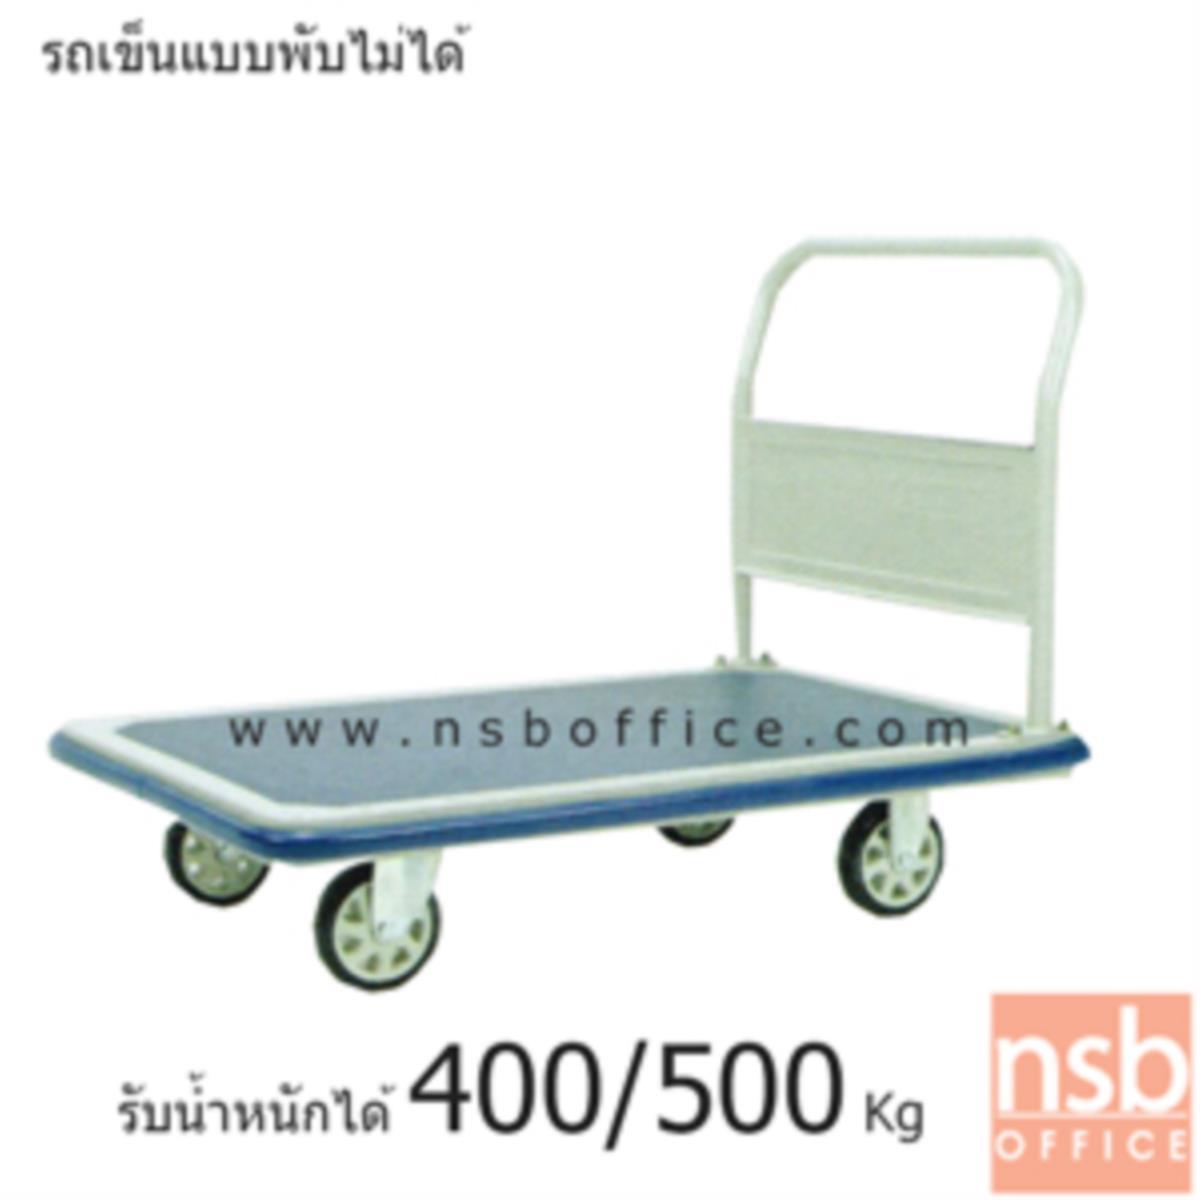 รถเข็นมือจับข้างเดียว  รับน้ำหนักได้ 400-500 Kg